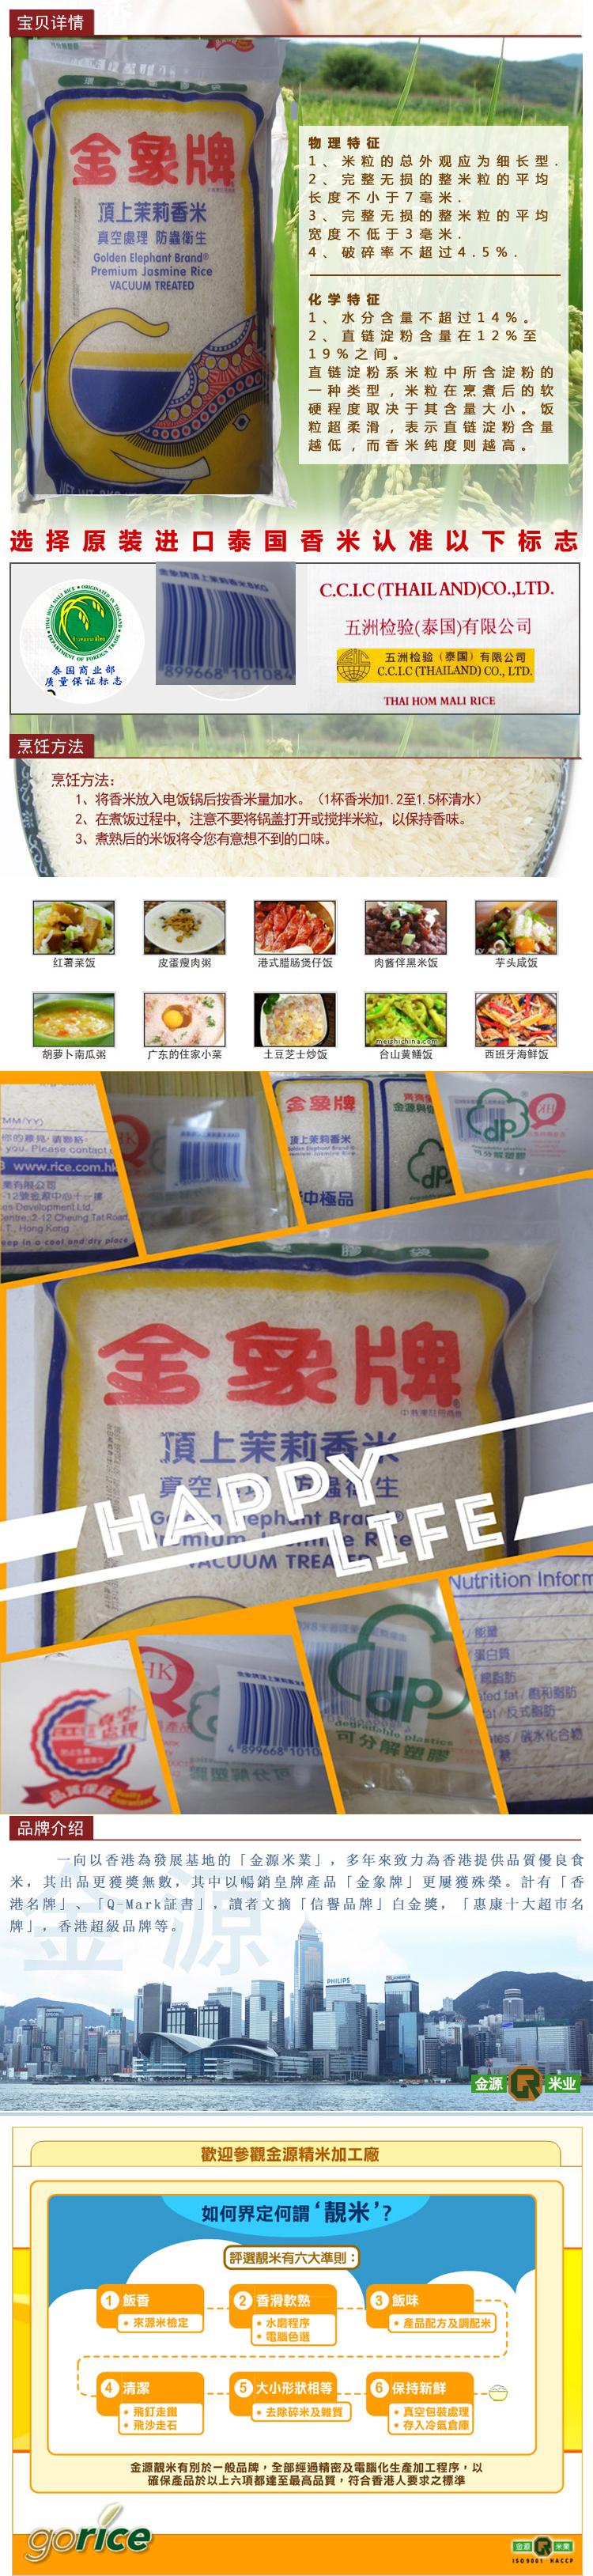 香港港版金象牌茉莉泰國香米8kg大米【下單先諮詢】